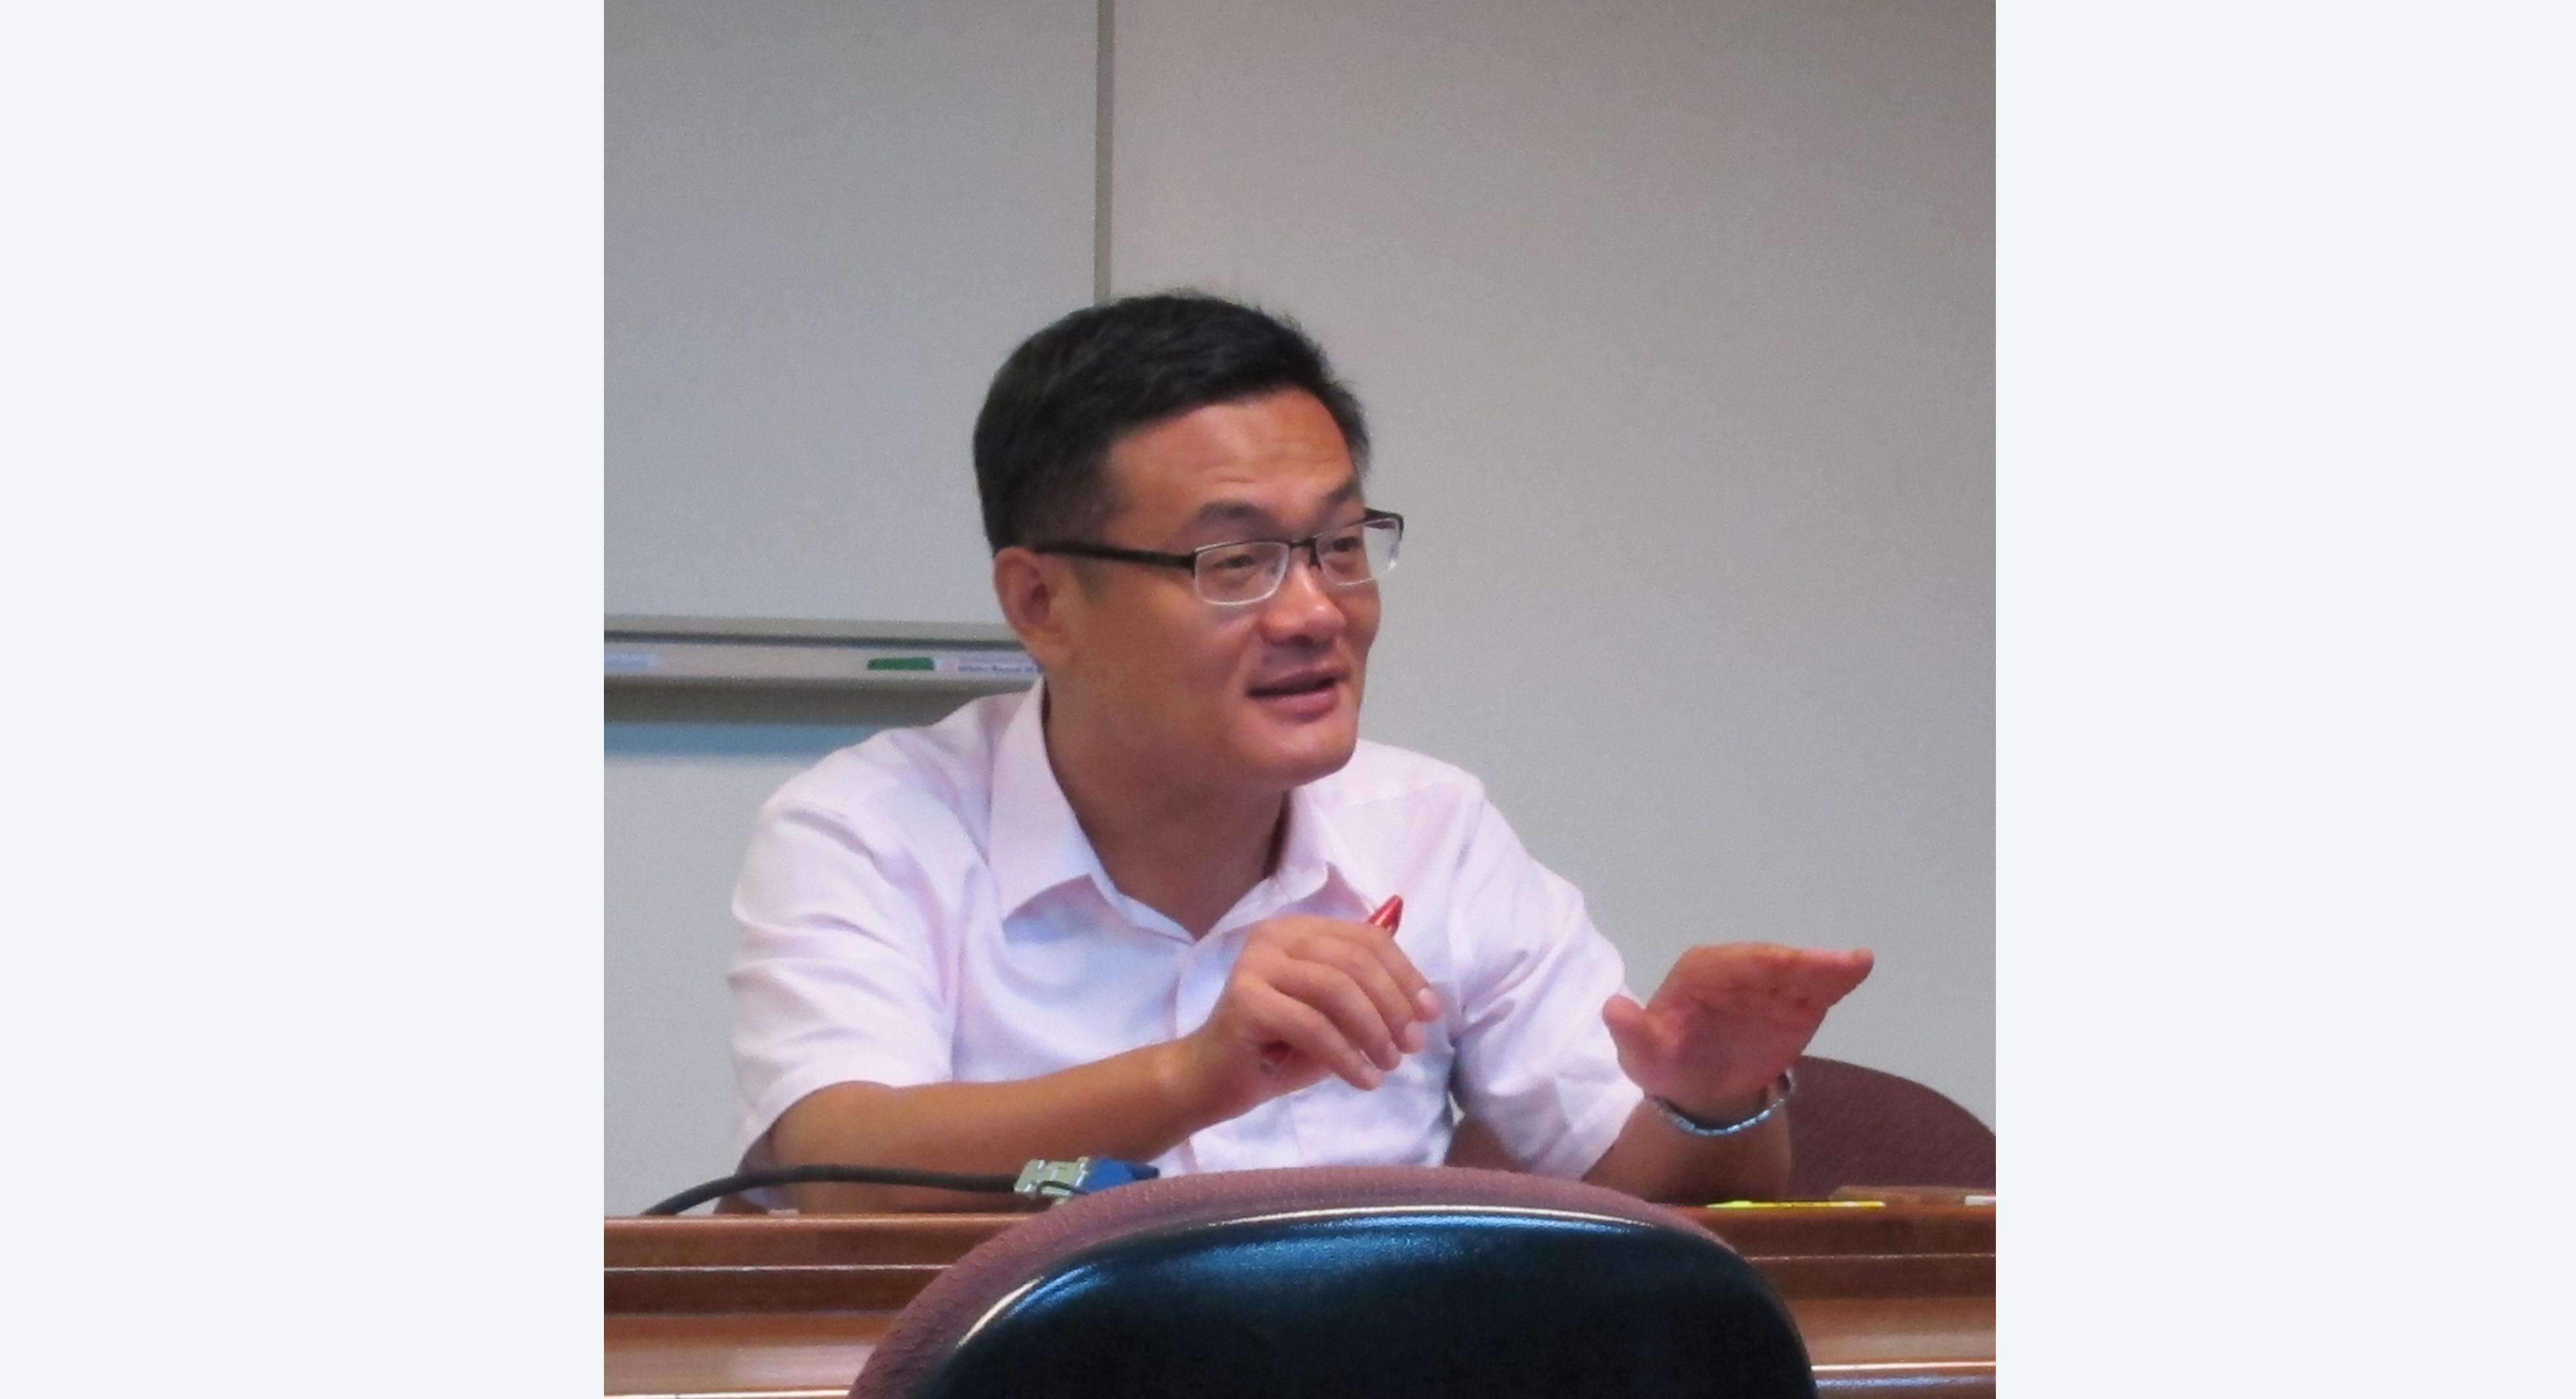 趙樹國教授演講「從「東夷首領」到「一方正神」:青州西南山區逄伯陵信仰演變考論」紀要